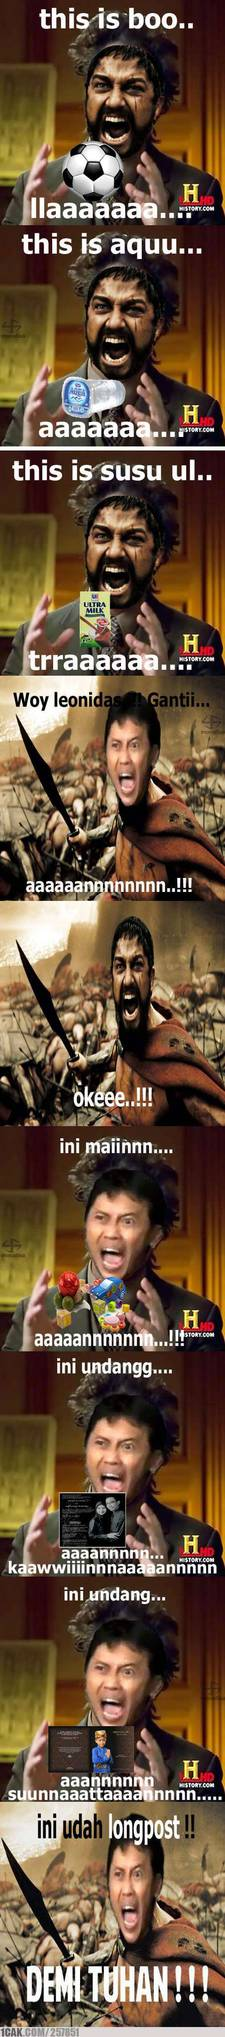 aowkwoakwa keren gan..... Leonidas and arya wiguna :D